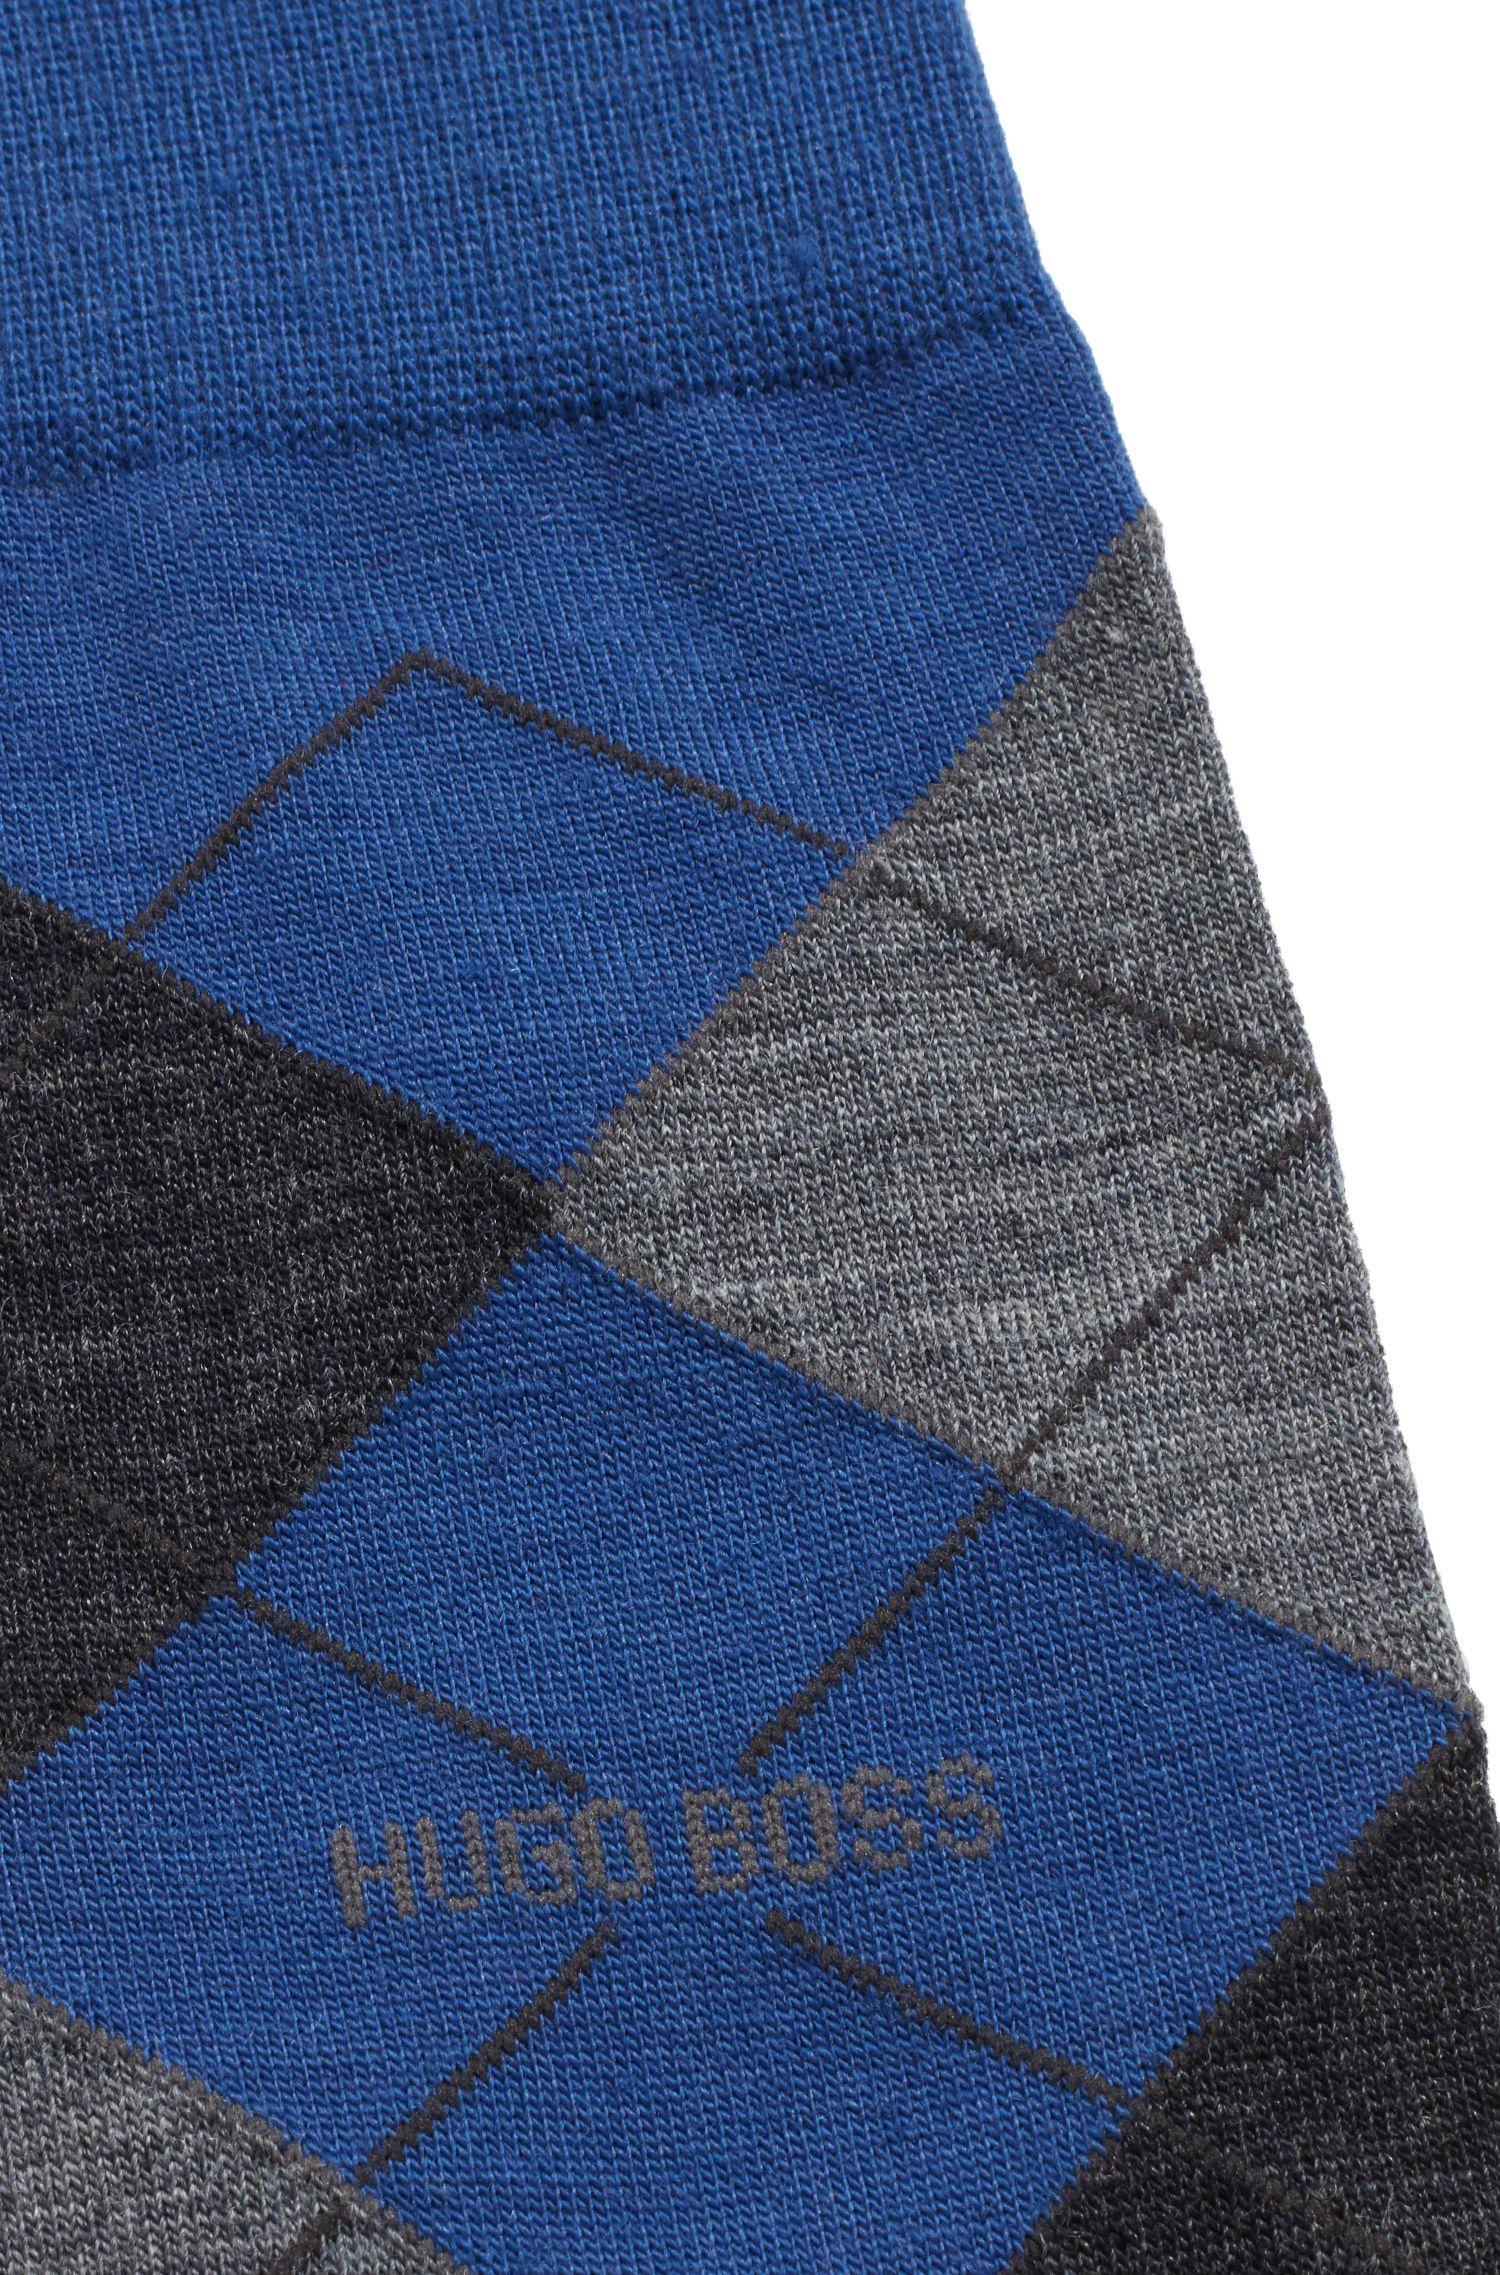 Mittelhohe Socken aus Woll-Mix mit Rautenmuster, Blau